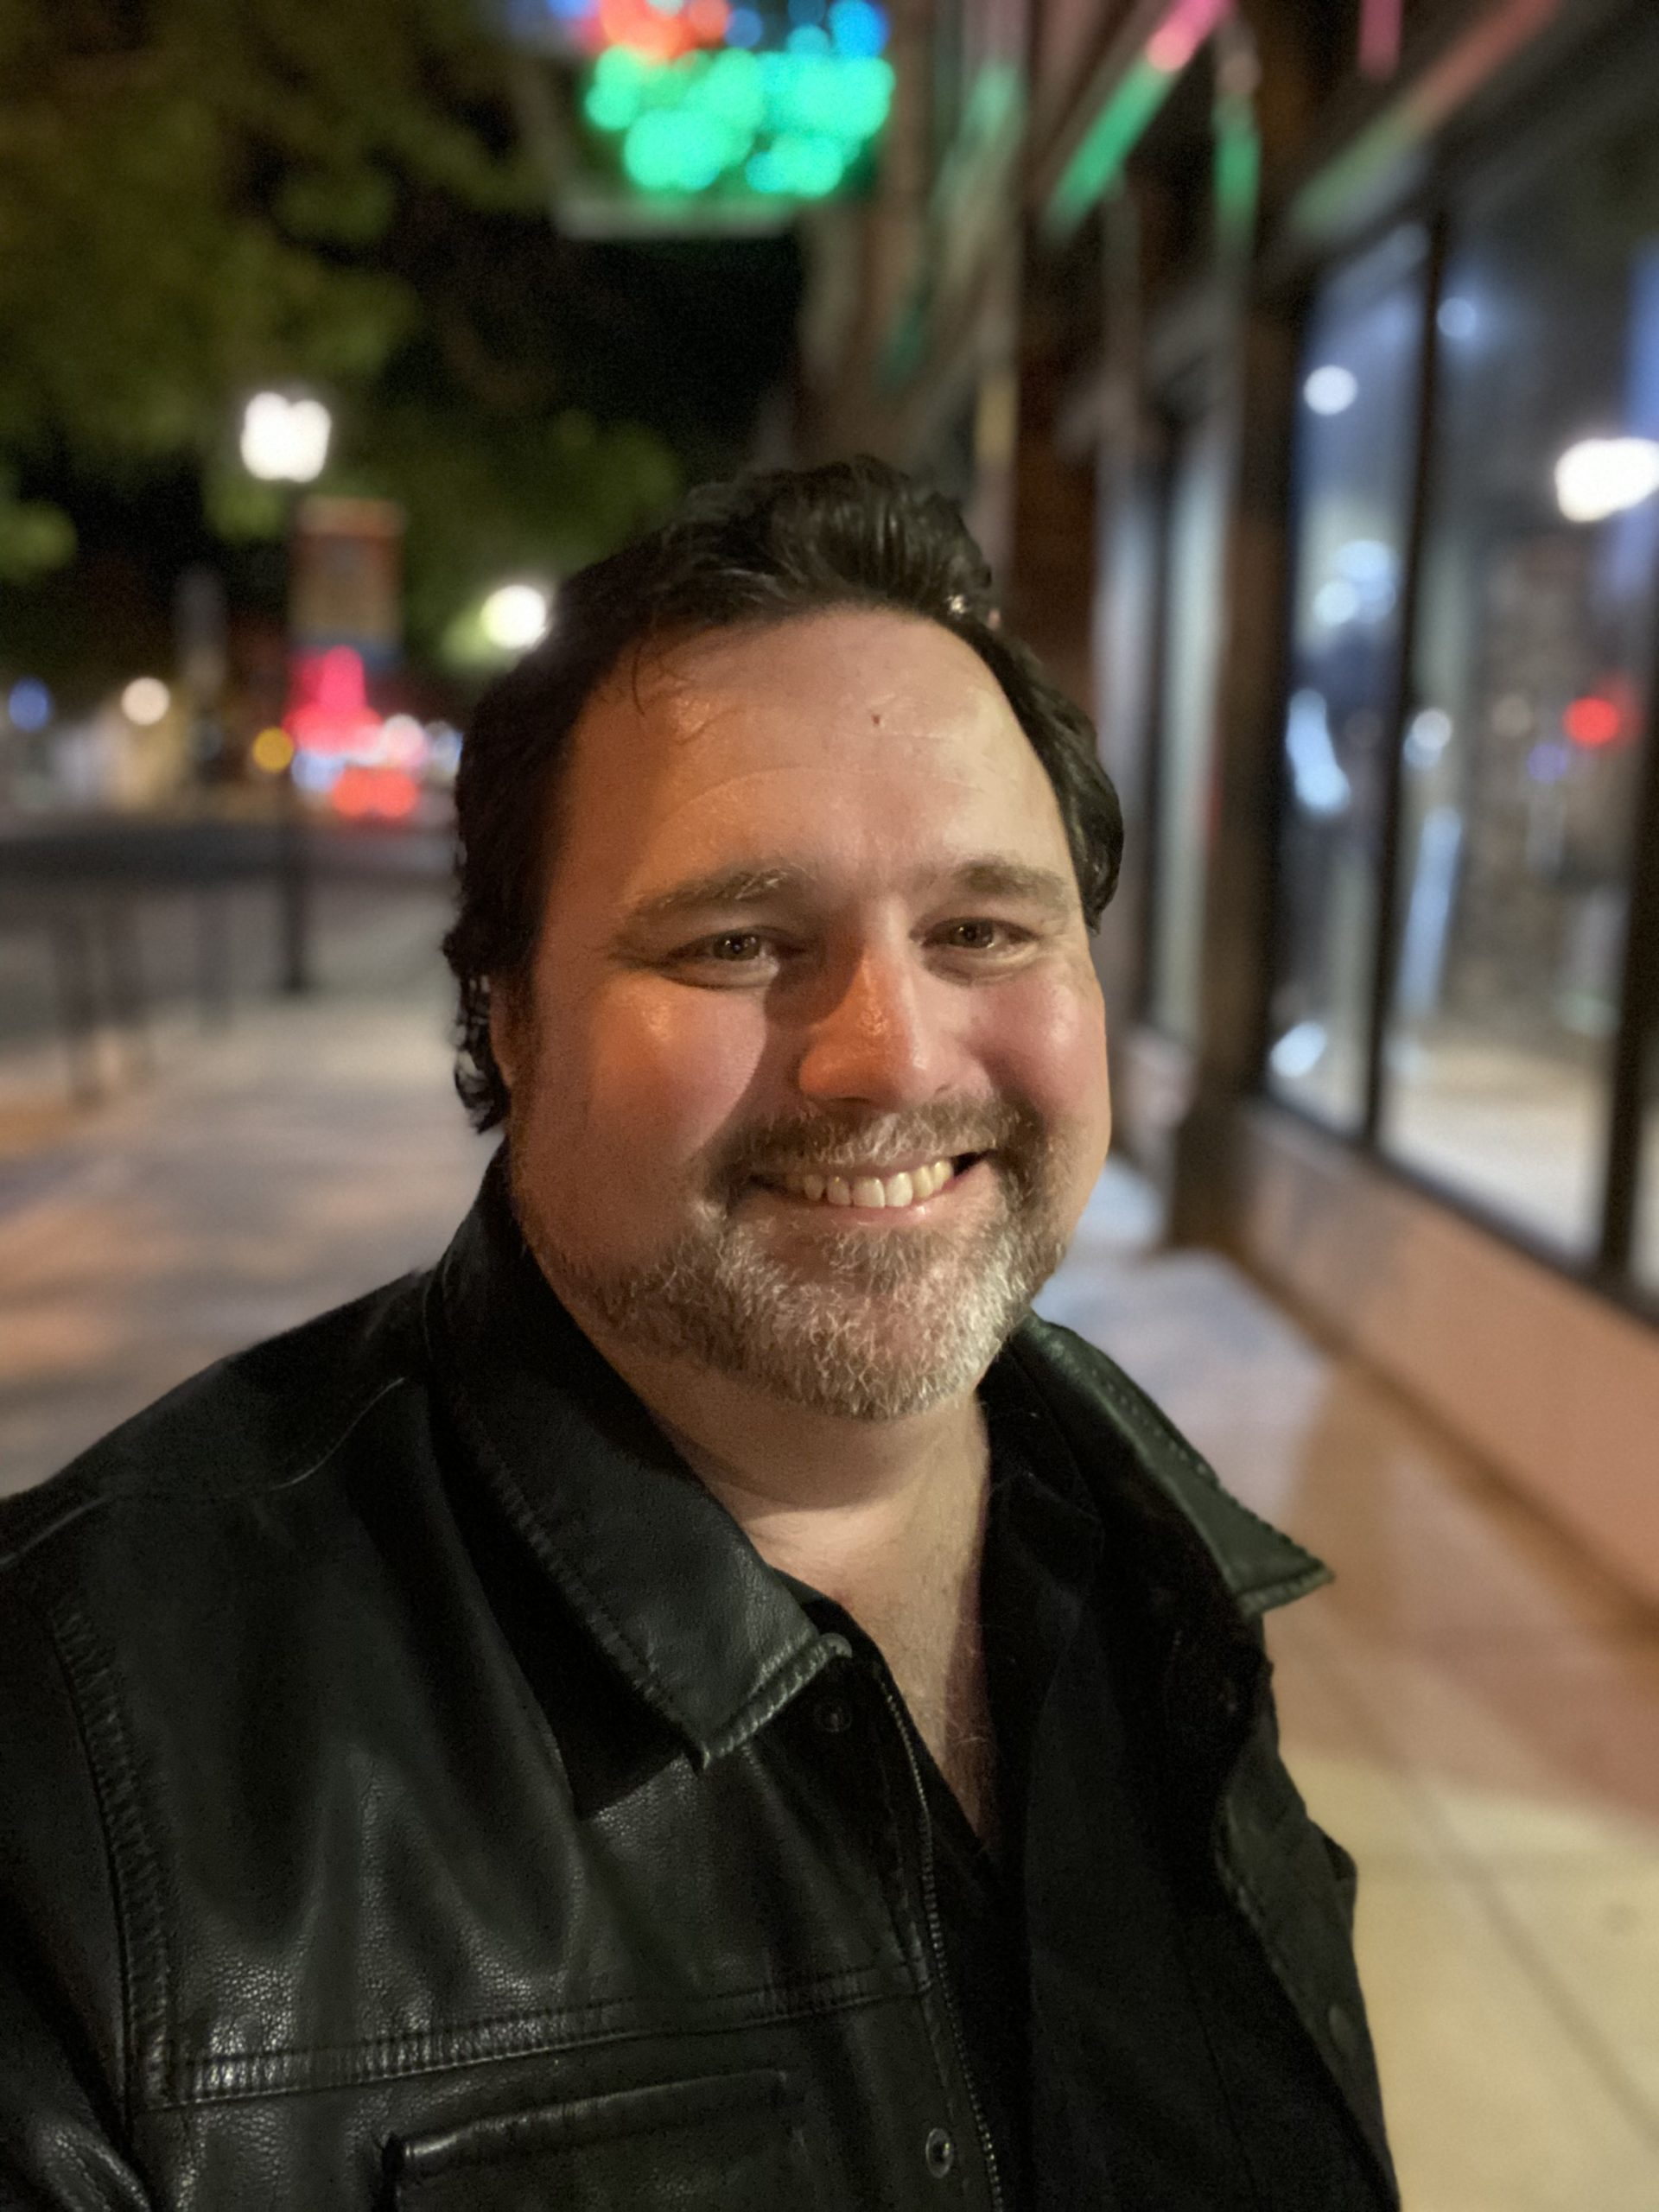 Steven Shomler